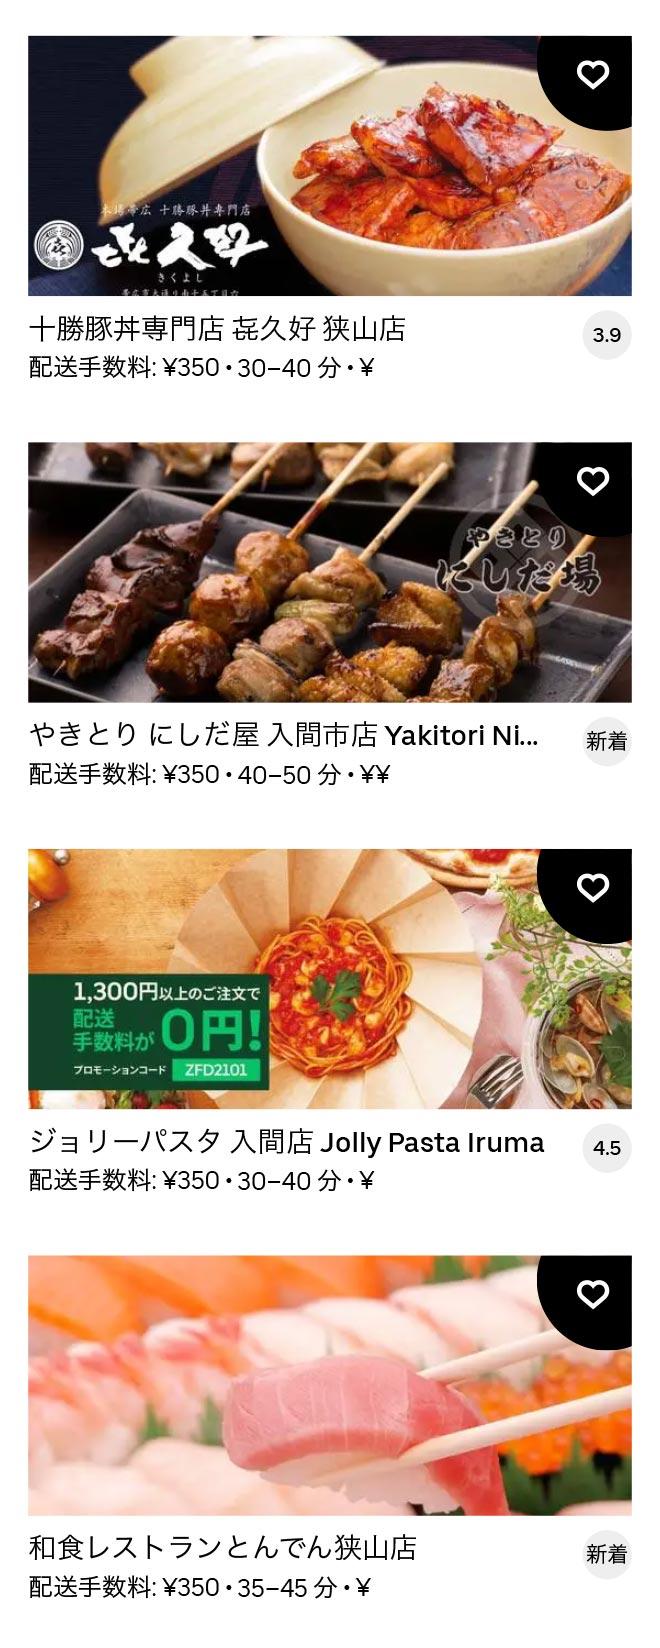 Sayama menu 2102 08